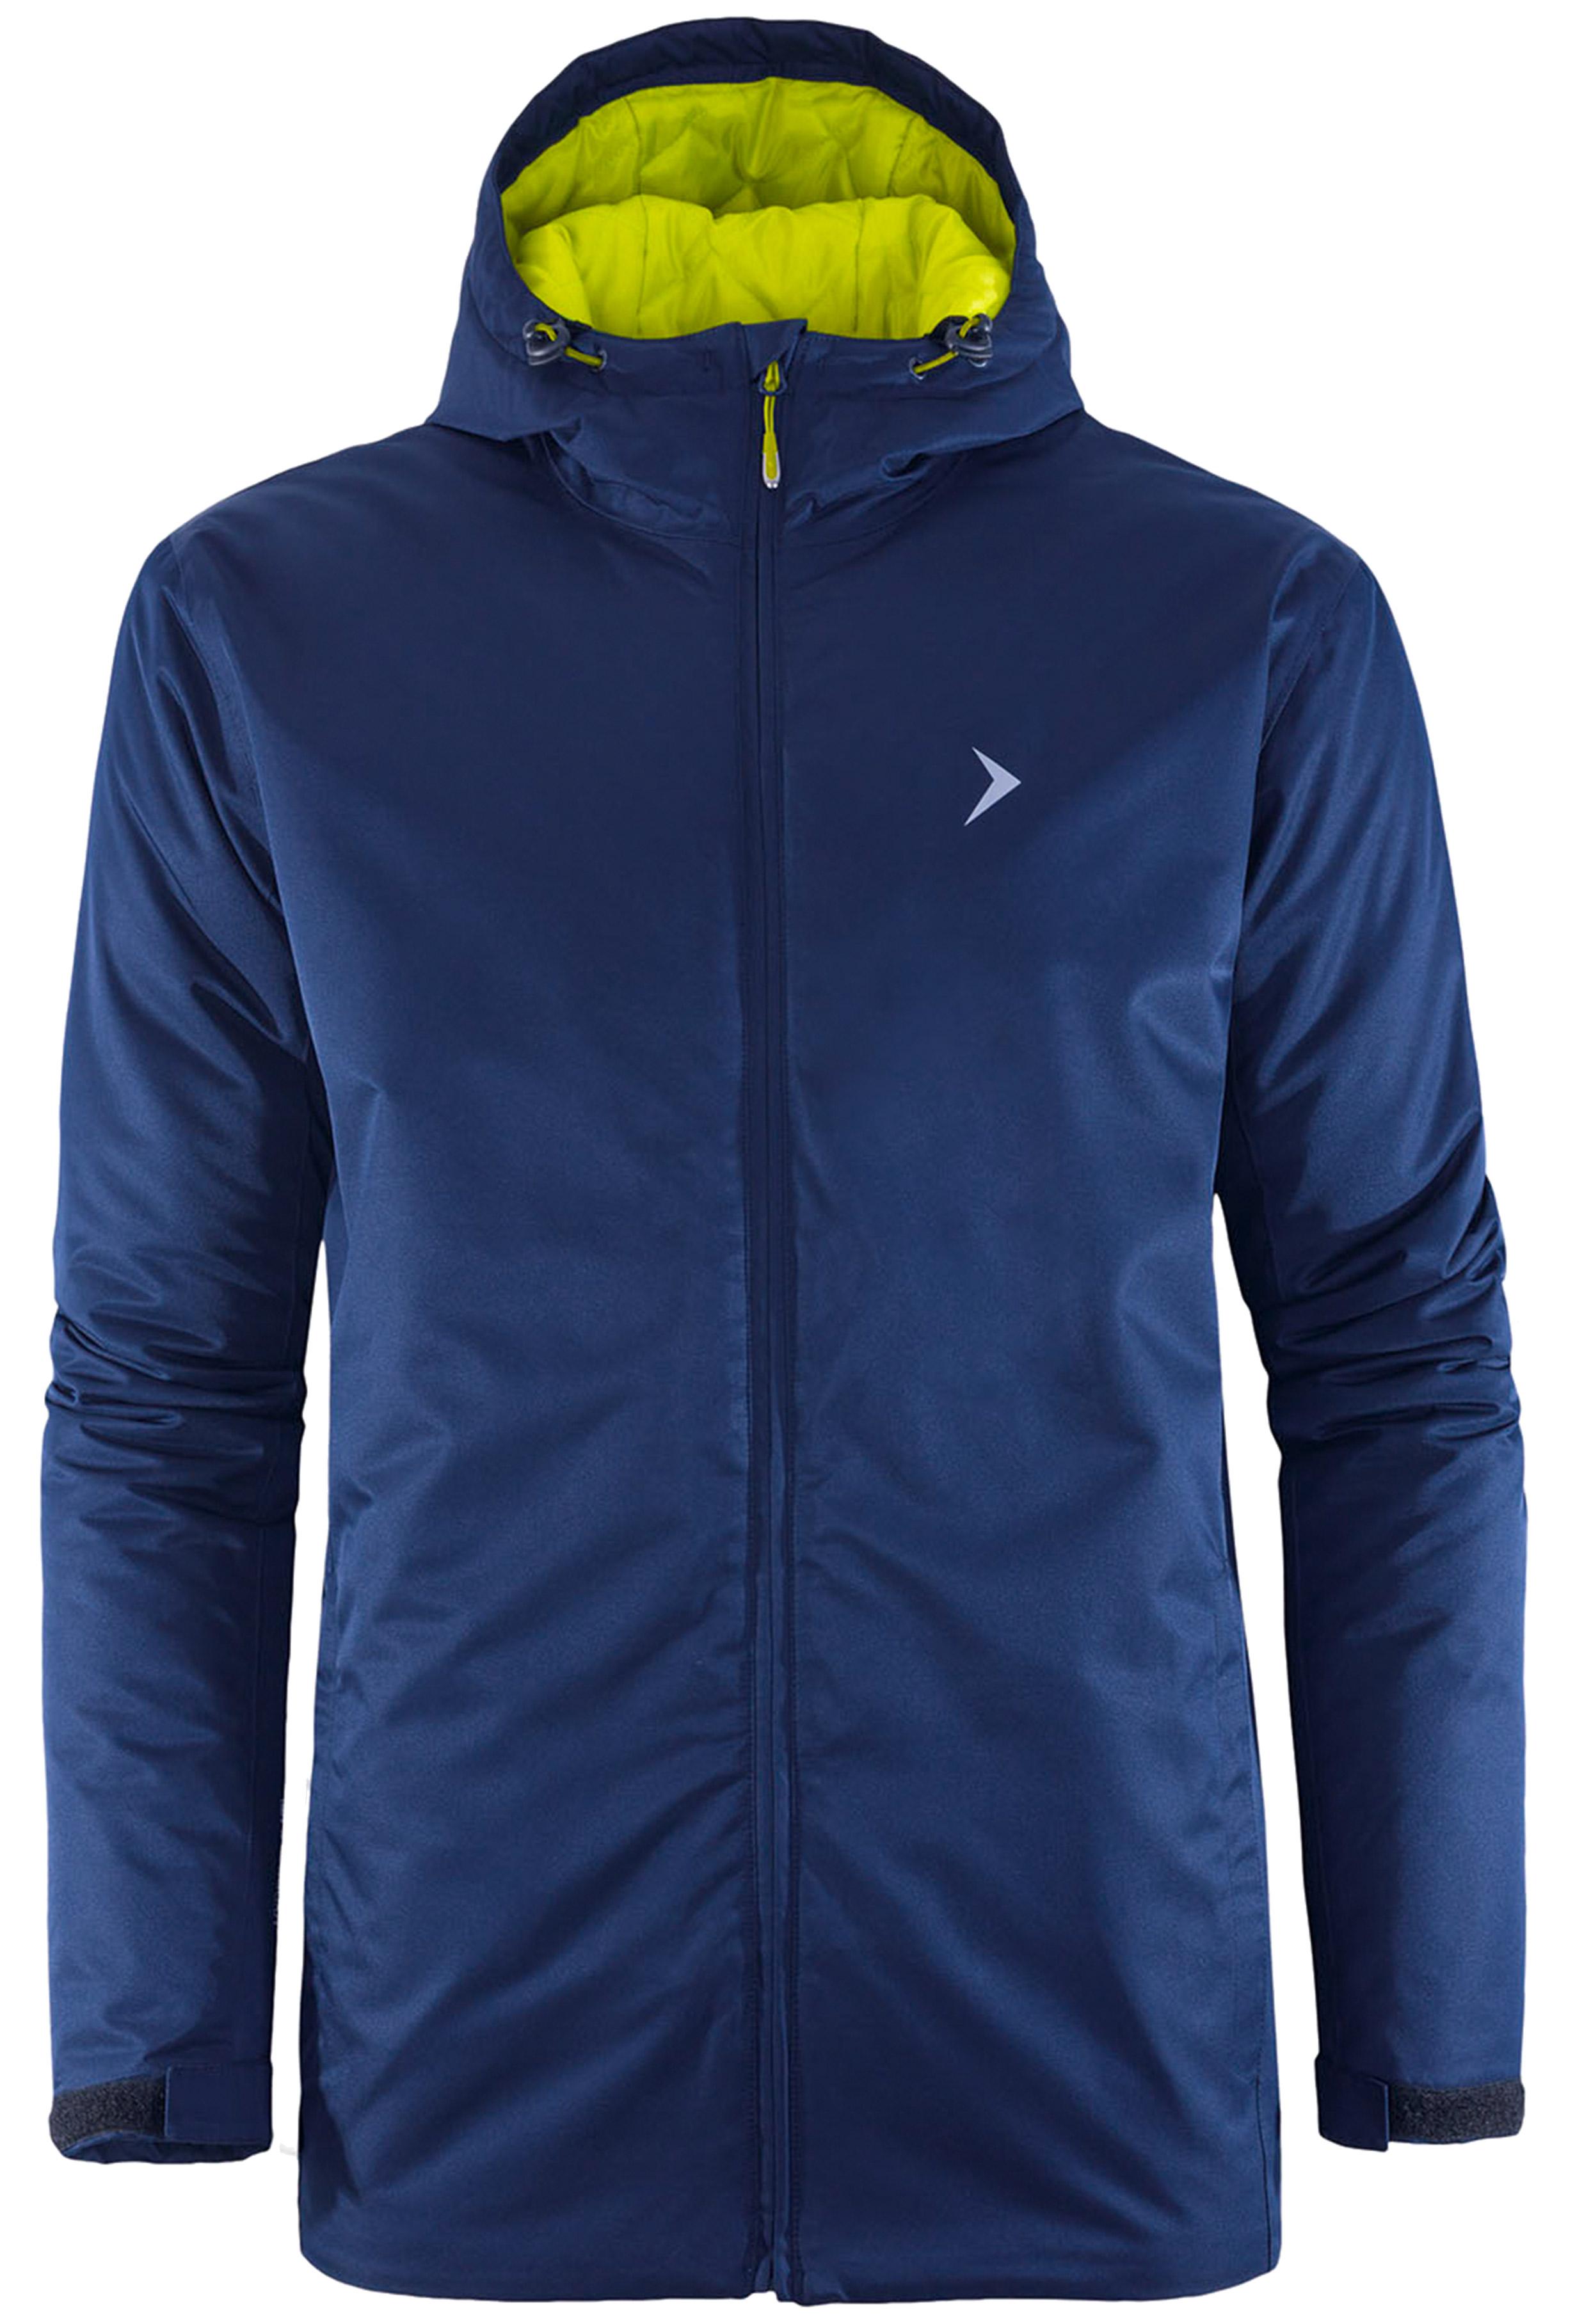 בגדי חורף אוטורון לגברים Outhorn HOZ18 KUMN600 - כחול